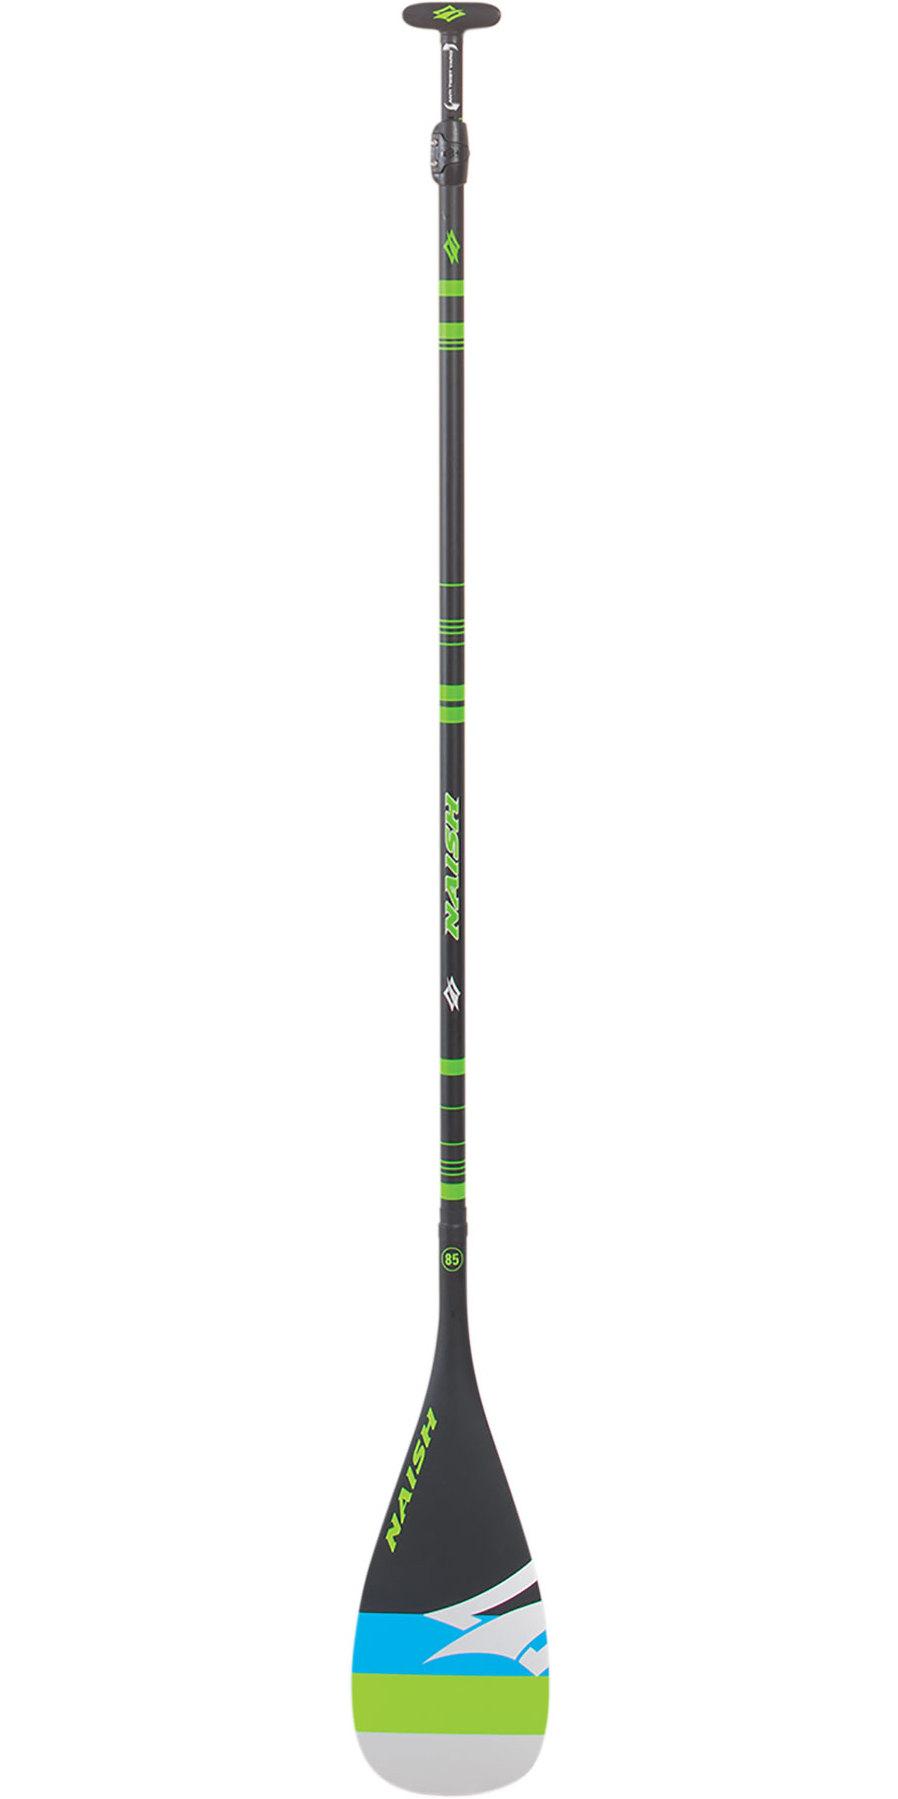 2019 Naish Carbon Vario SDS SUP Paddle - 95 Blade 96065